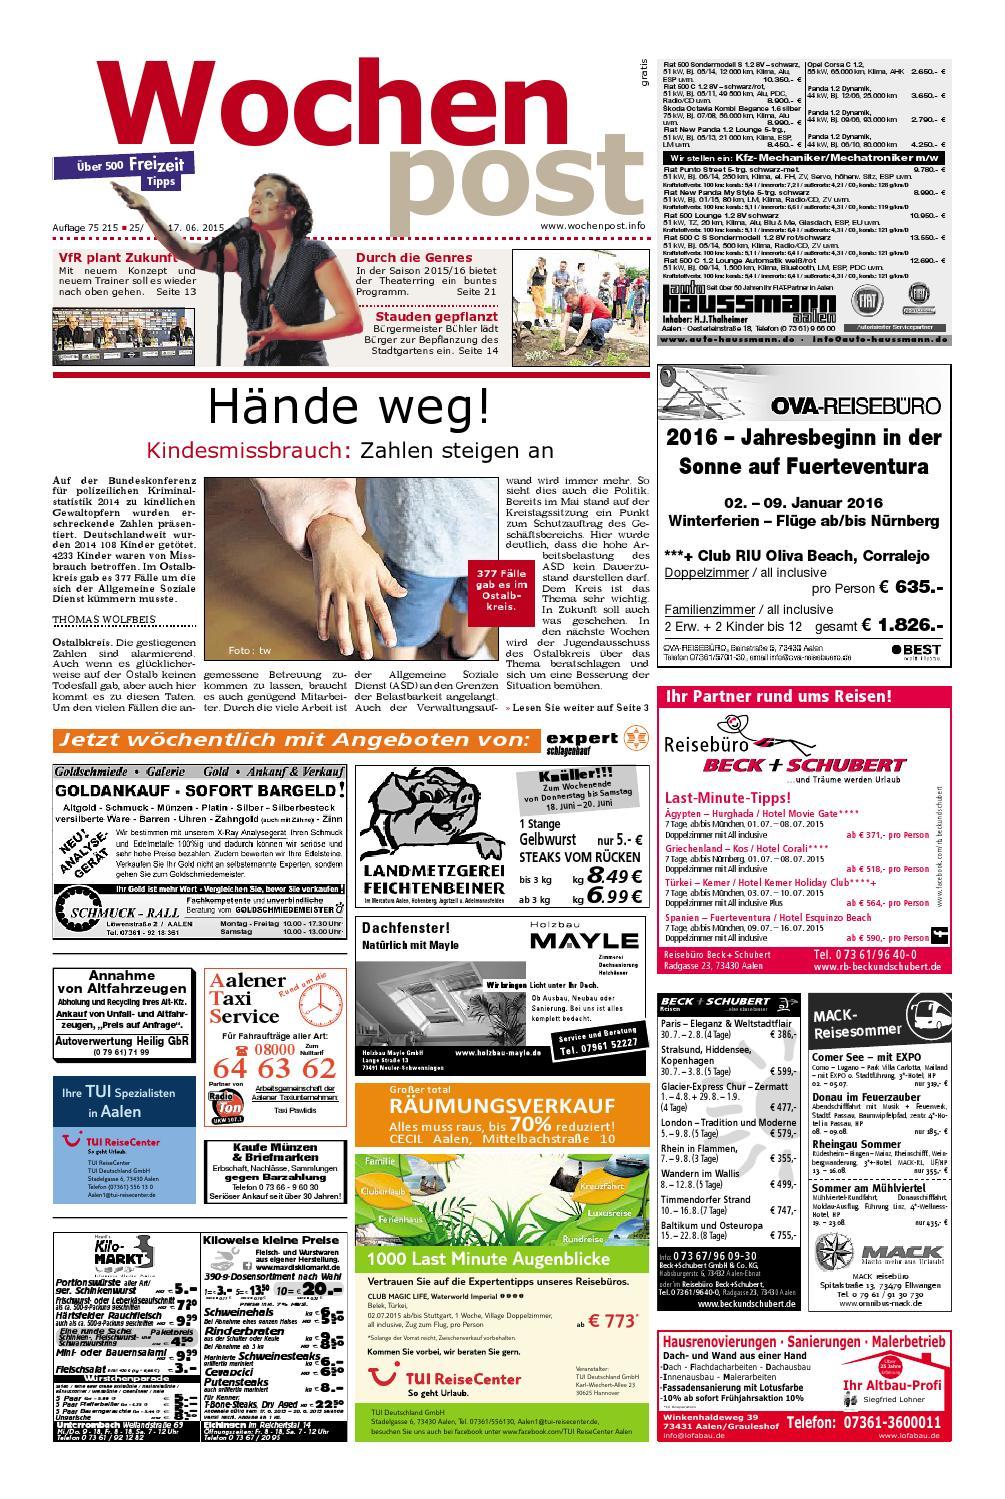 Die Wochenpost Kw 25 By Wolfram Daur Issuu